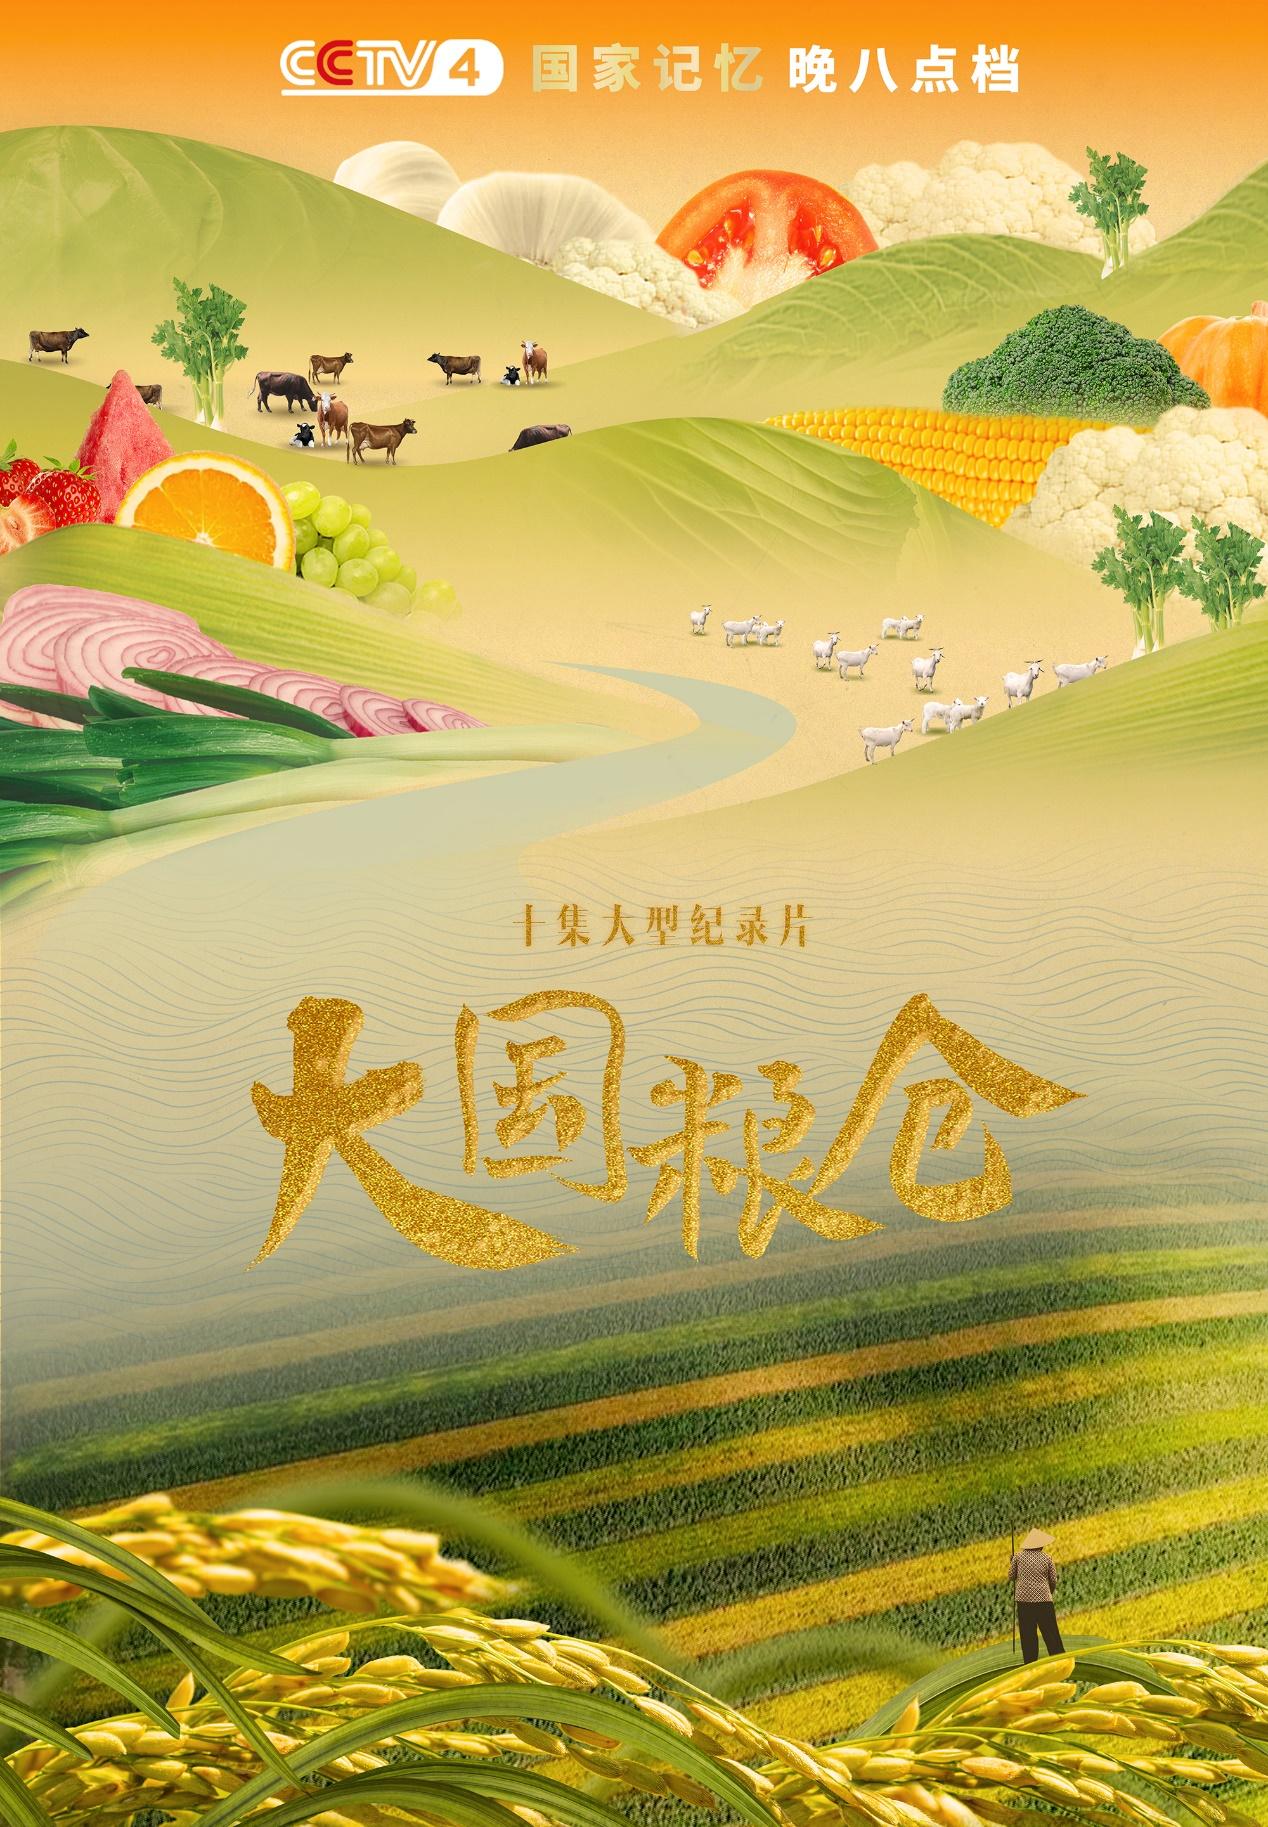 """娱乐游戏:聚焦""""中国饭碗"""",《国家记忆》推出纪录片《大国粮仓》"""